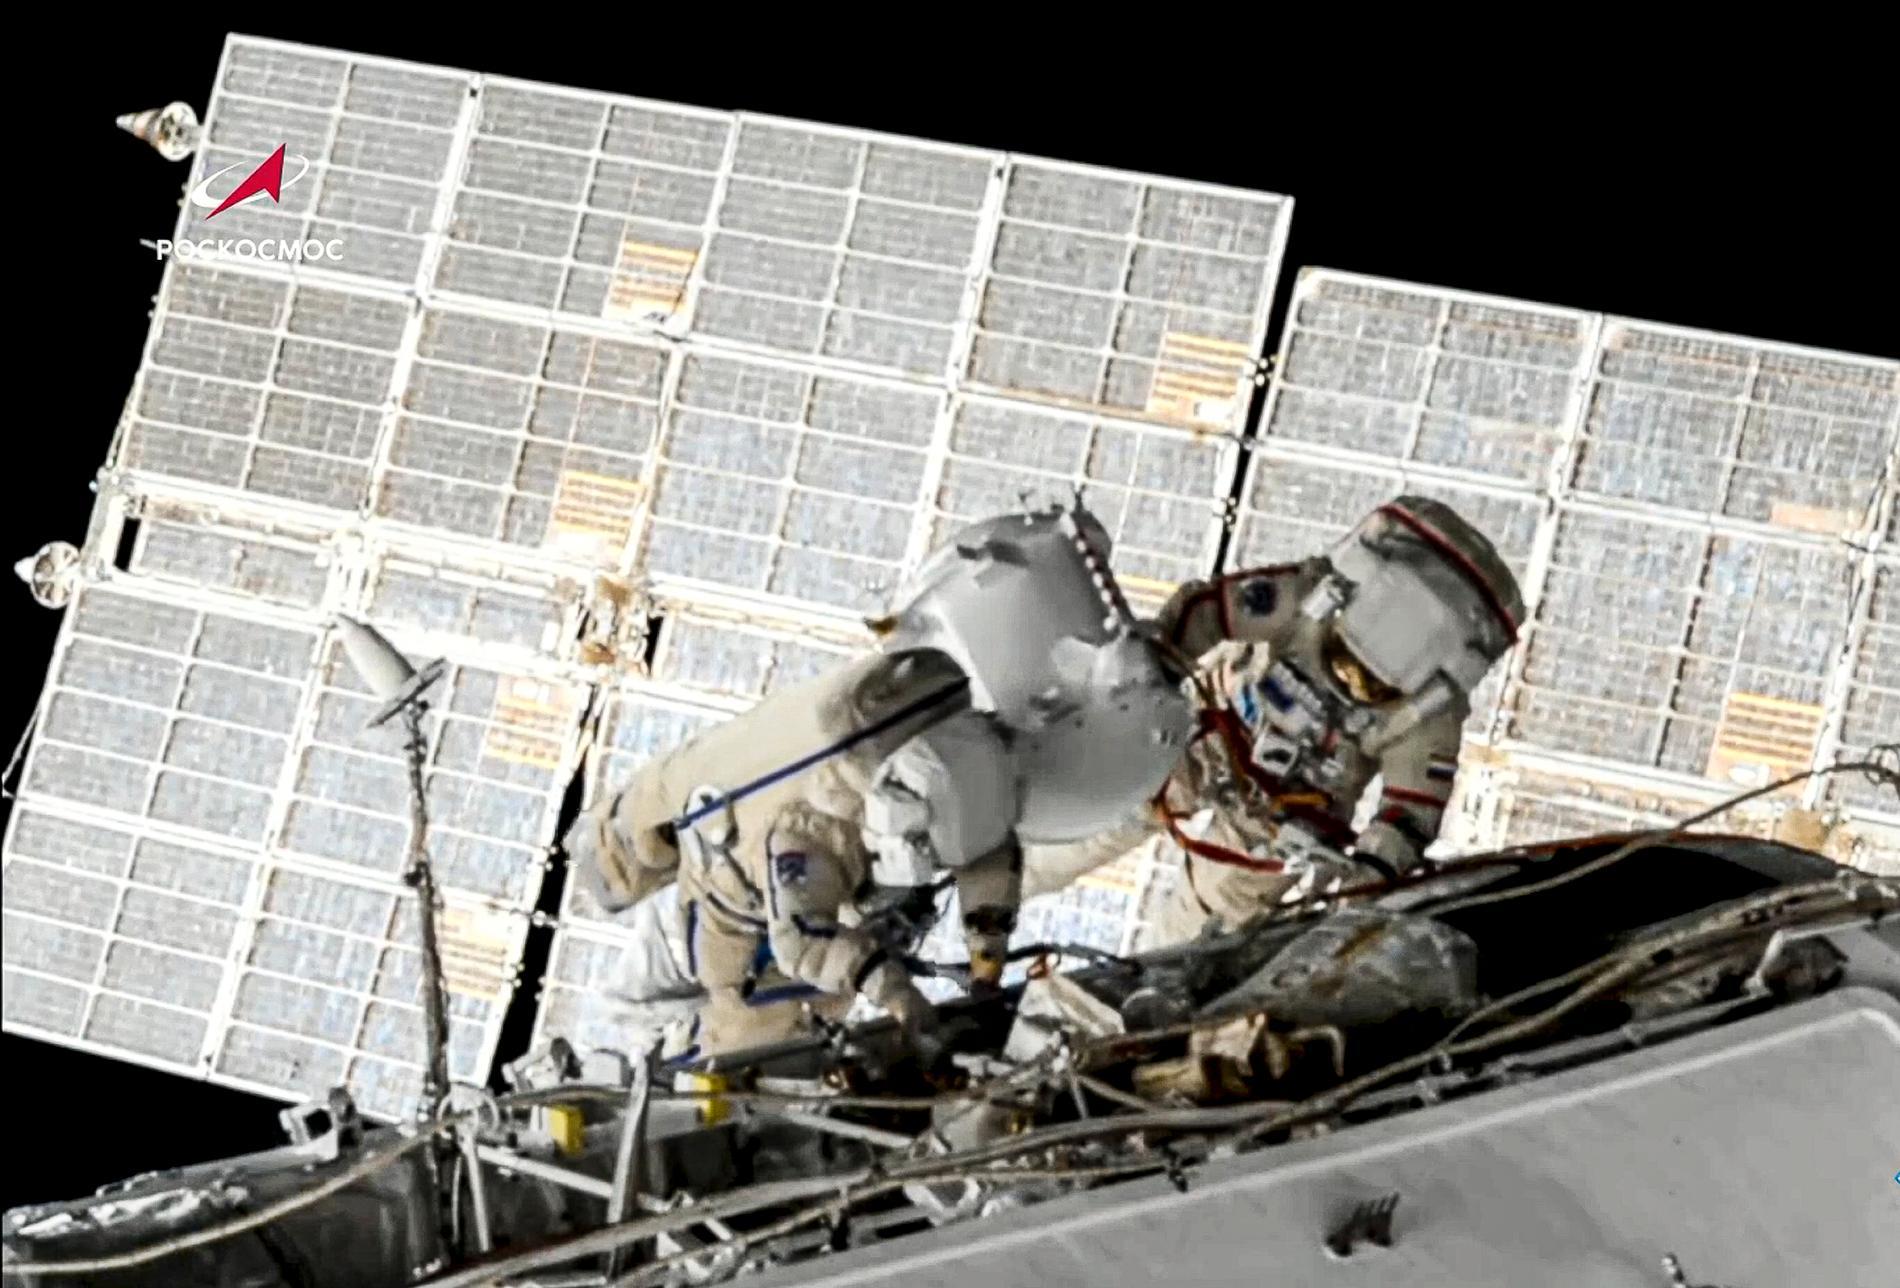 De ryska kosmonatuerna Oleg Novitskij och Piotr Dubrov genomför en rymdpromenad på rymdstationen ISS den 2 juni.